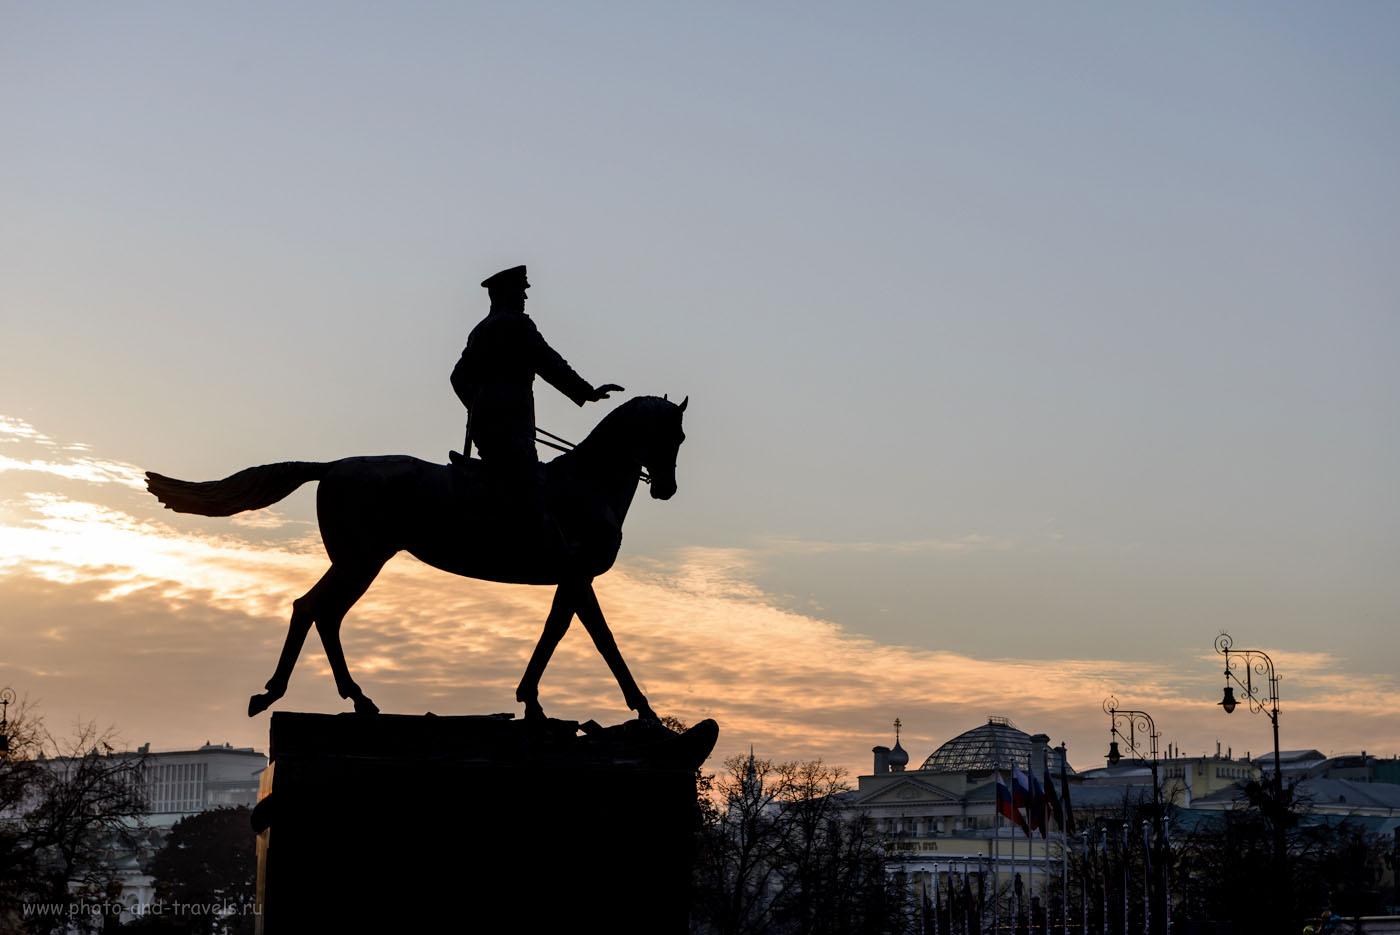 Фотография 22. Памятник Жукову напротив здания Государственного исторического музея. 1/640, -1.0, 7.1, 100, 70.